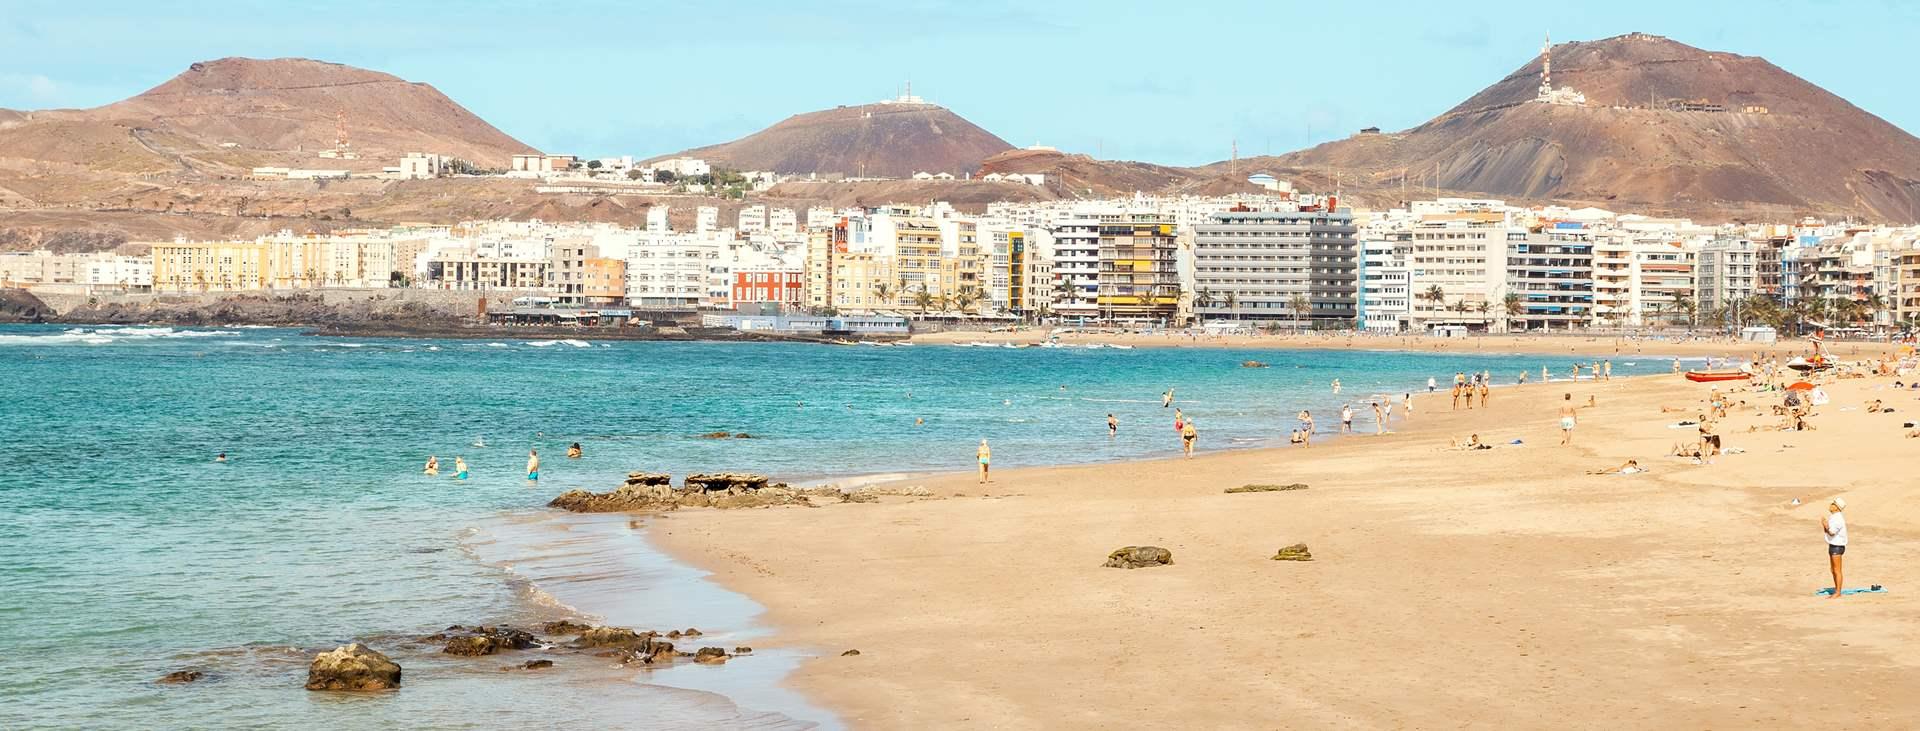 Boka din resa till Las Palmas på Gran Canaria med Ving